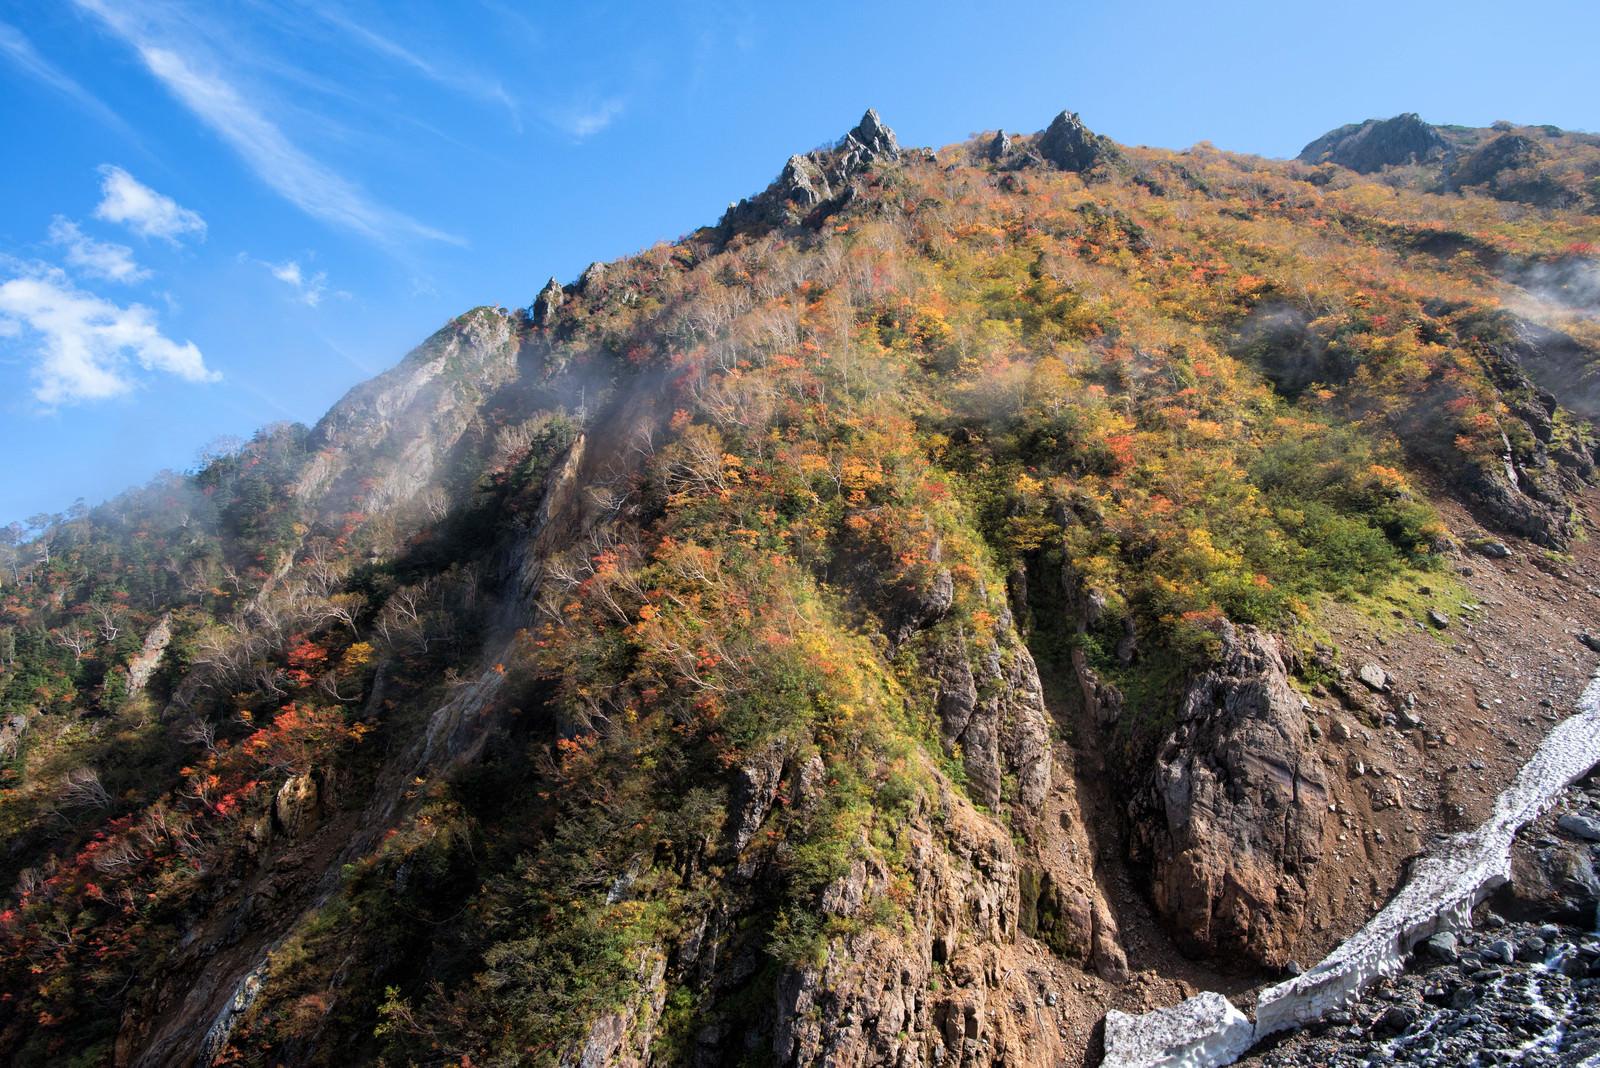 「紅葉に染まる秋の針ノ木谷」の写真